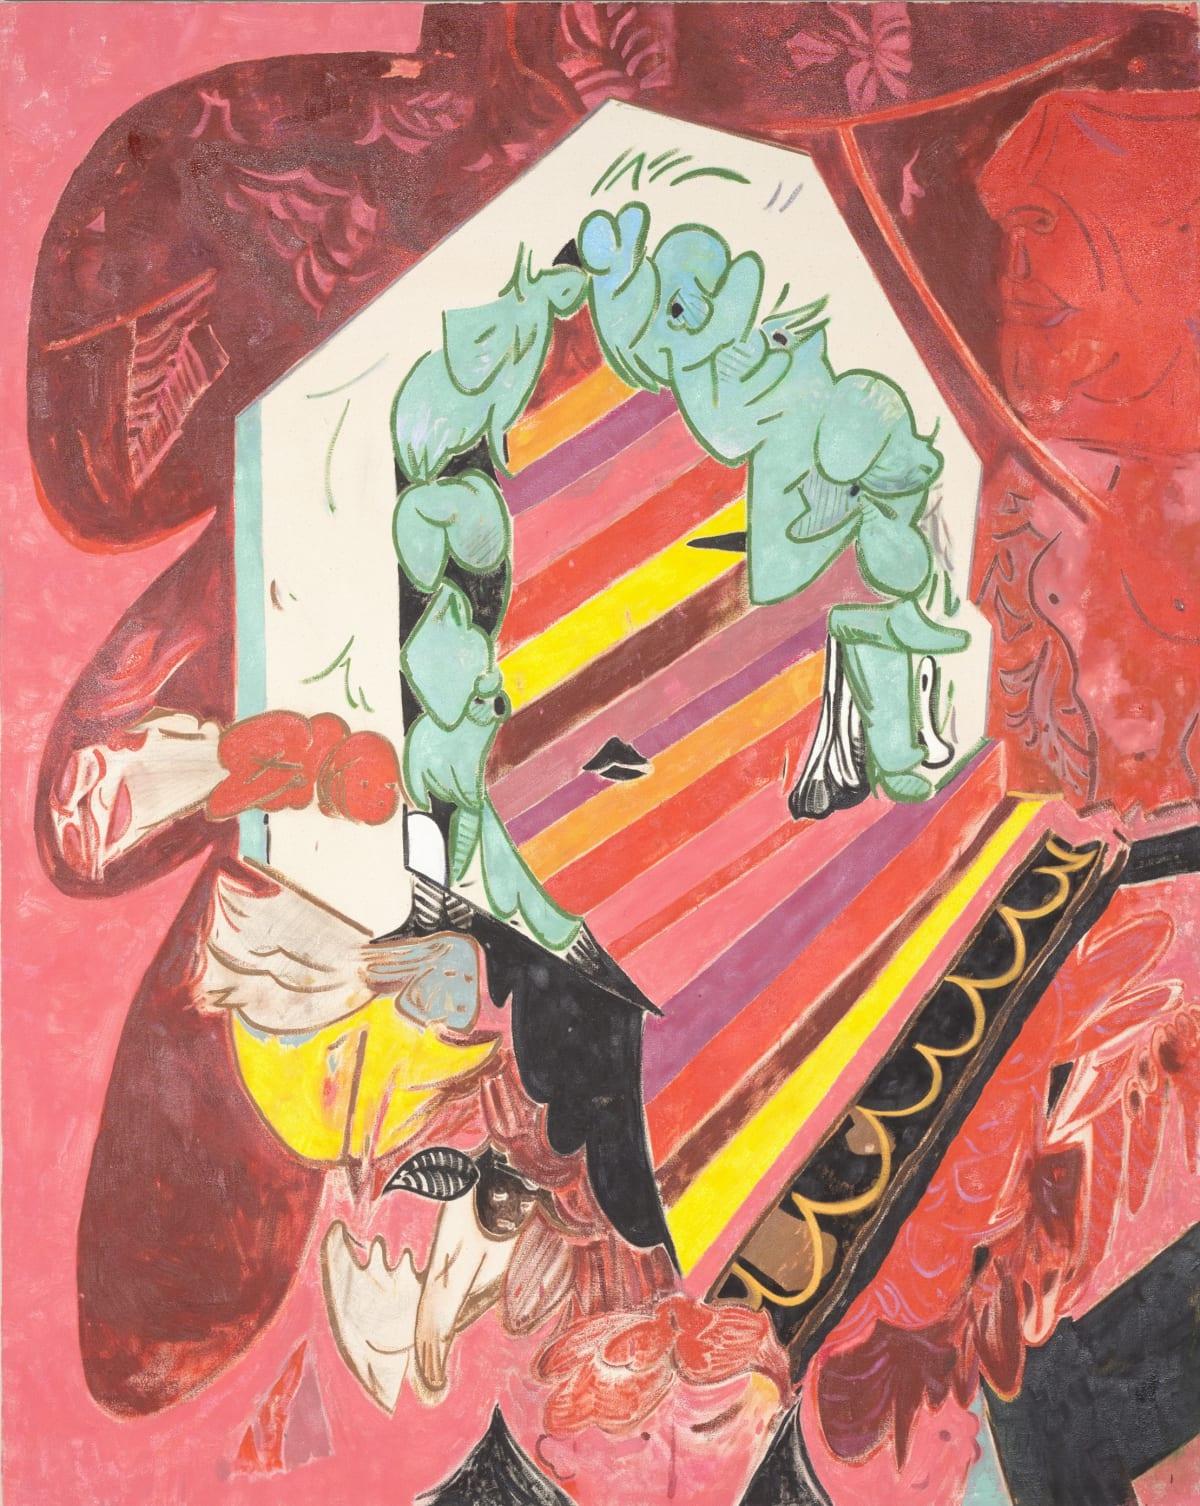 Philip Martin Gallery to Represent Scott Anderson